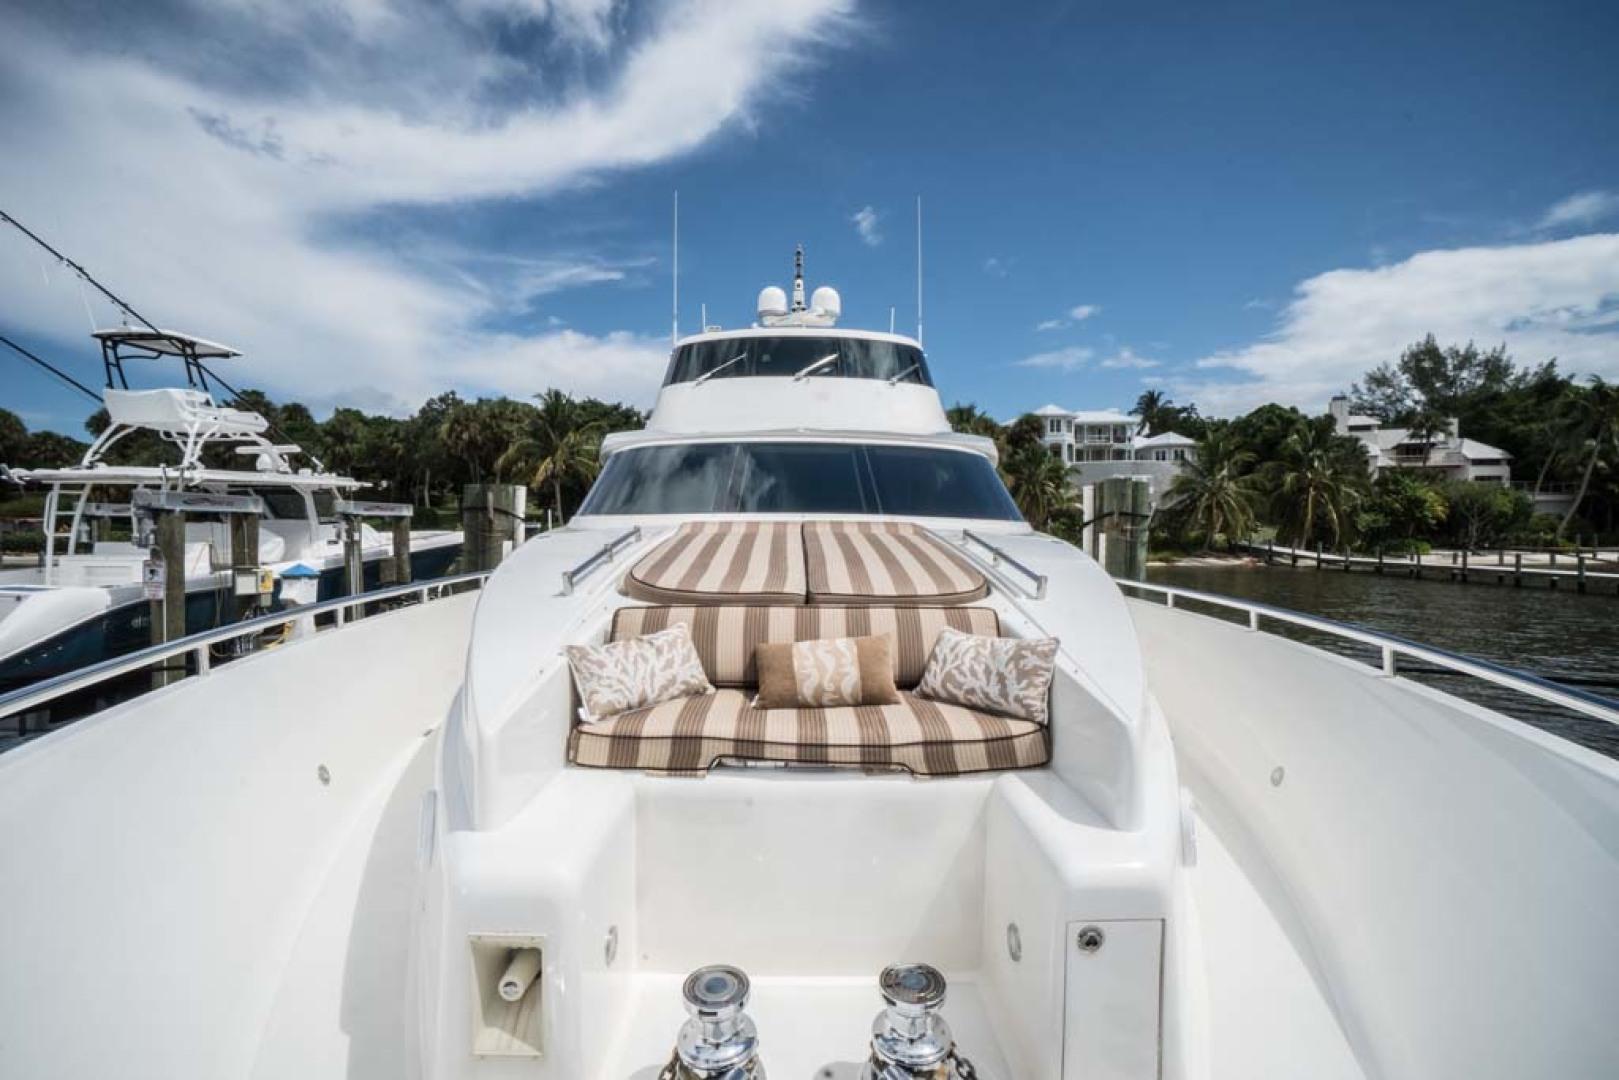 Horizon-Cockpit-Motor-Yacht-2008-Liberation-Stuart-Florida-United-States-Foredeck-Seating-1075370